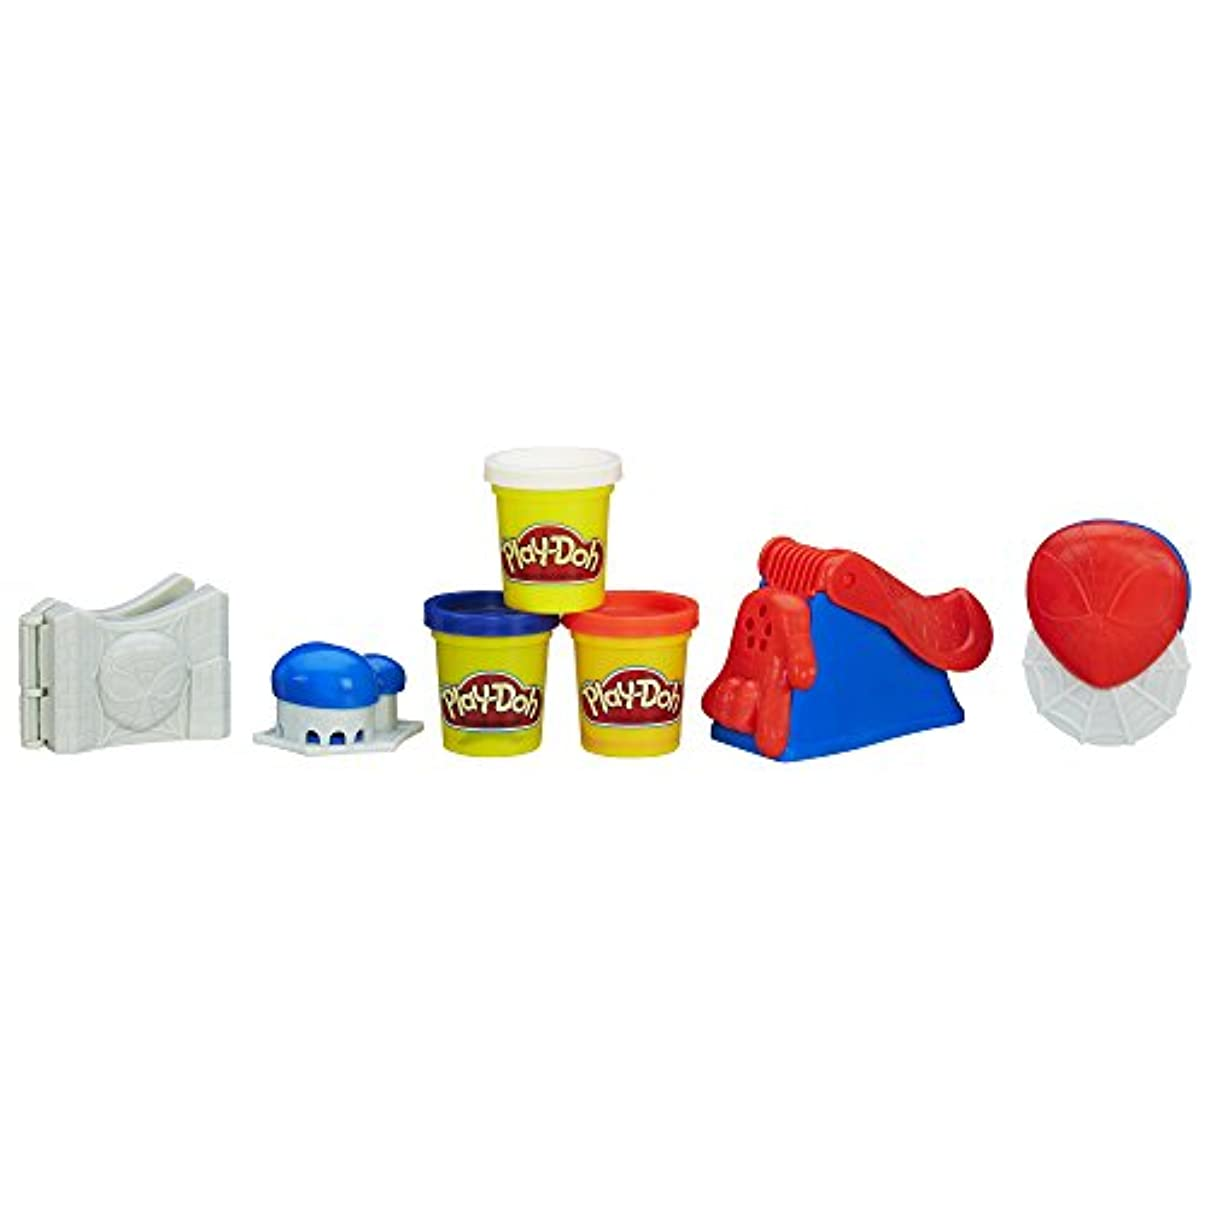 Play Doh Spiderman Super Tools Play Set